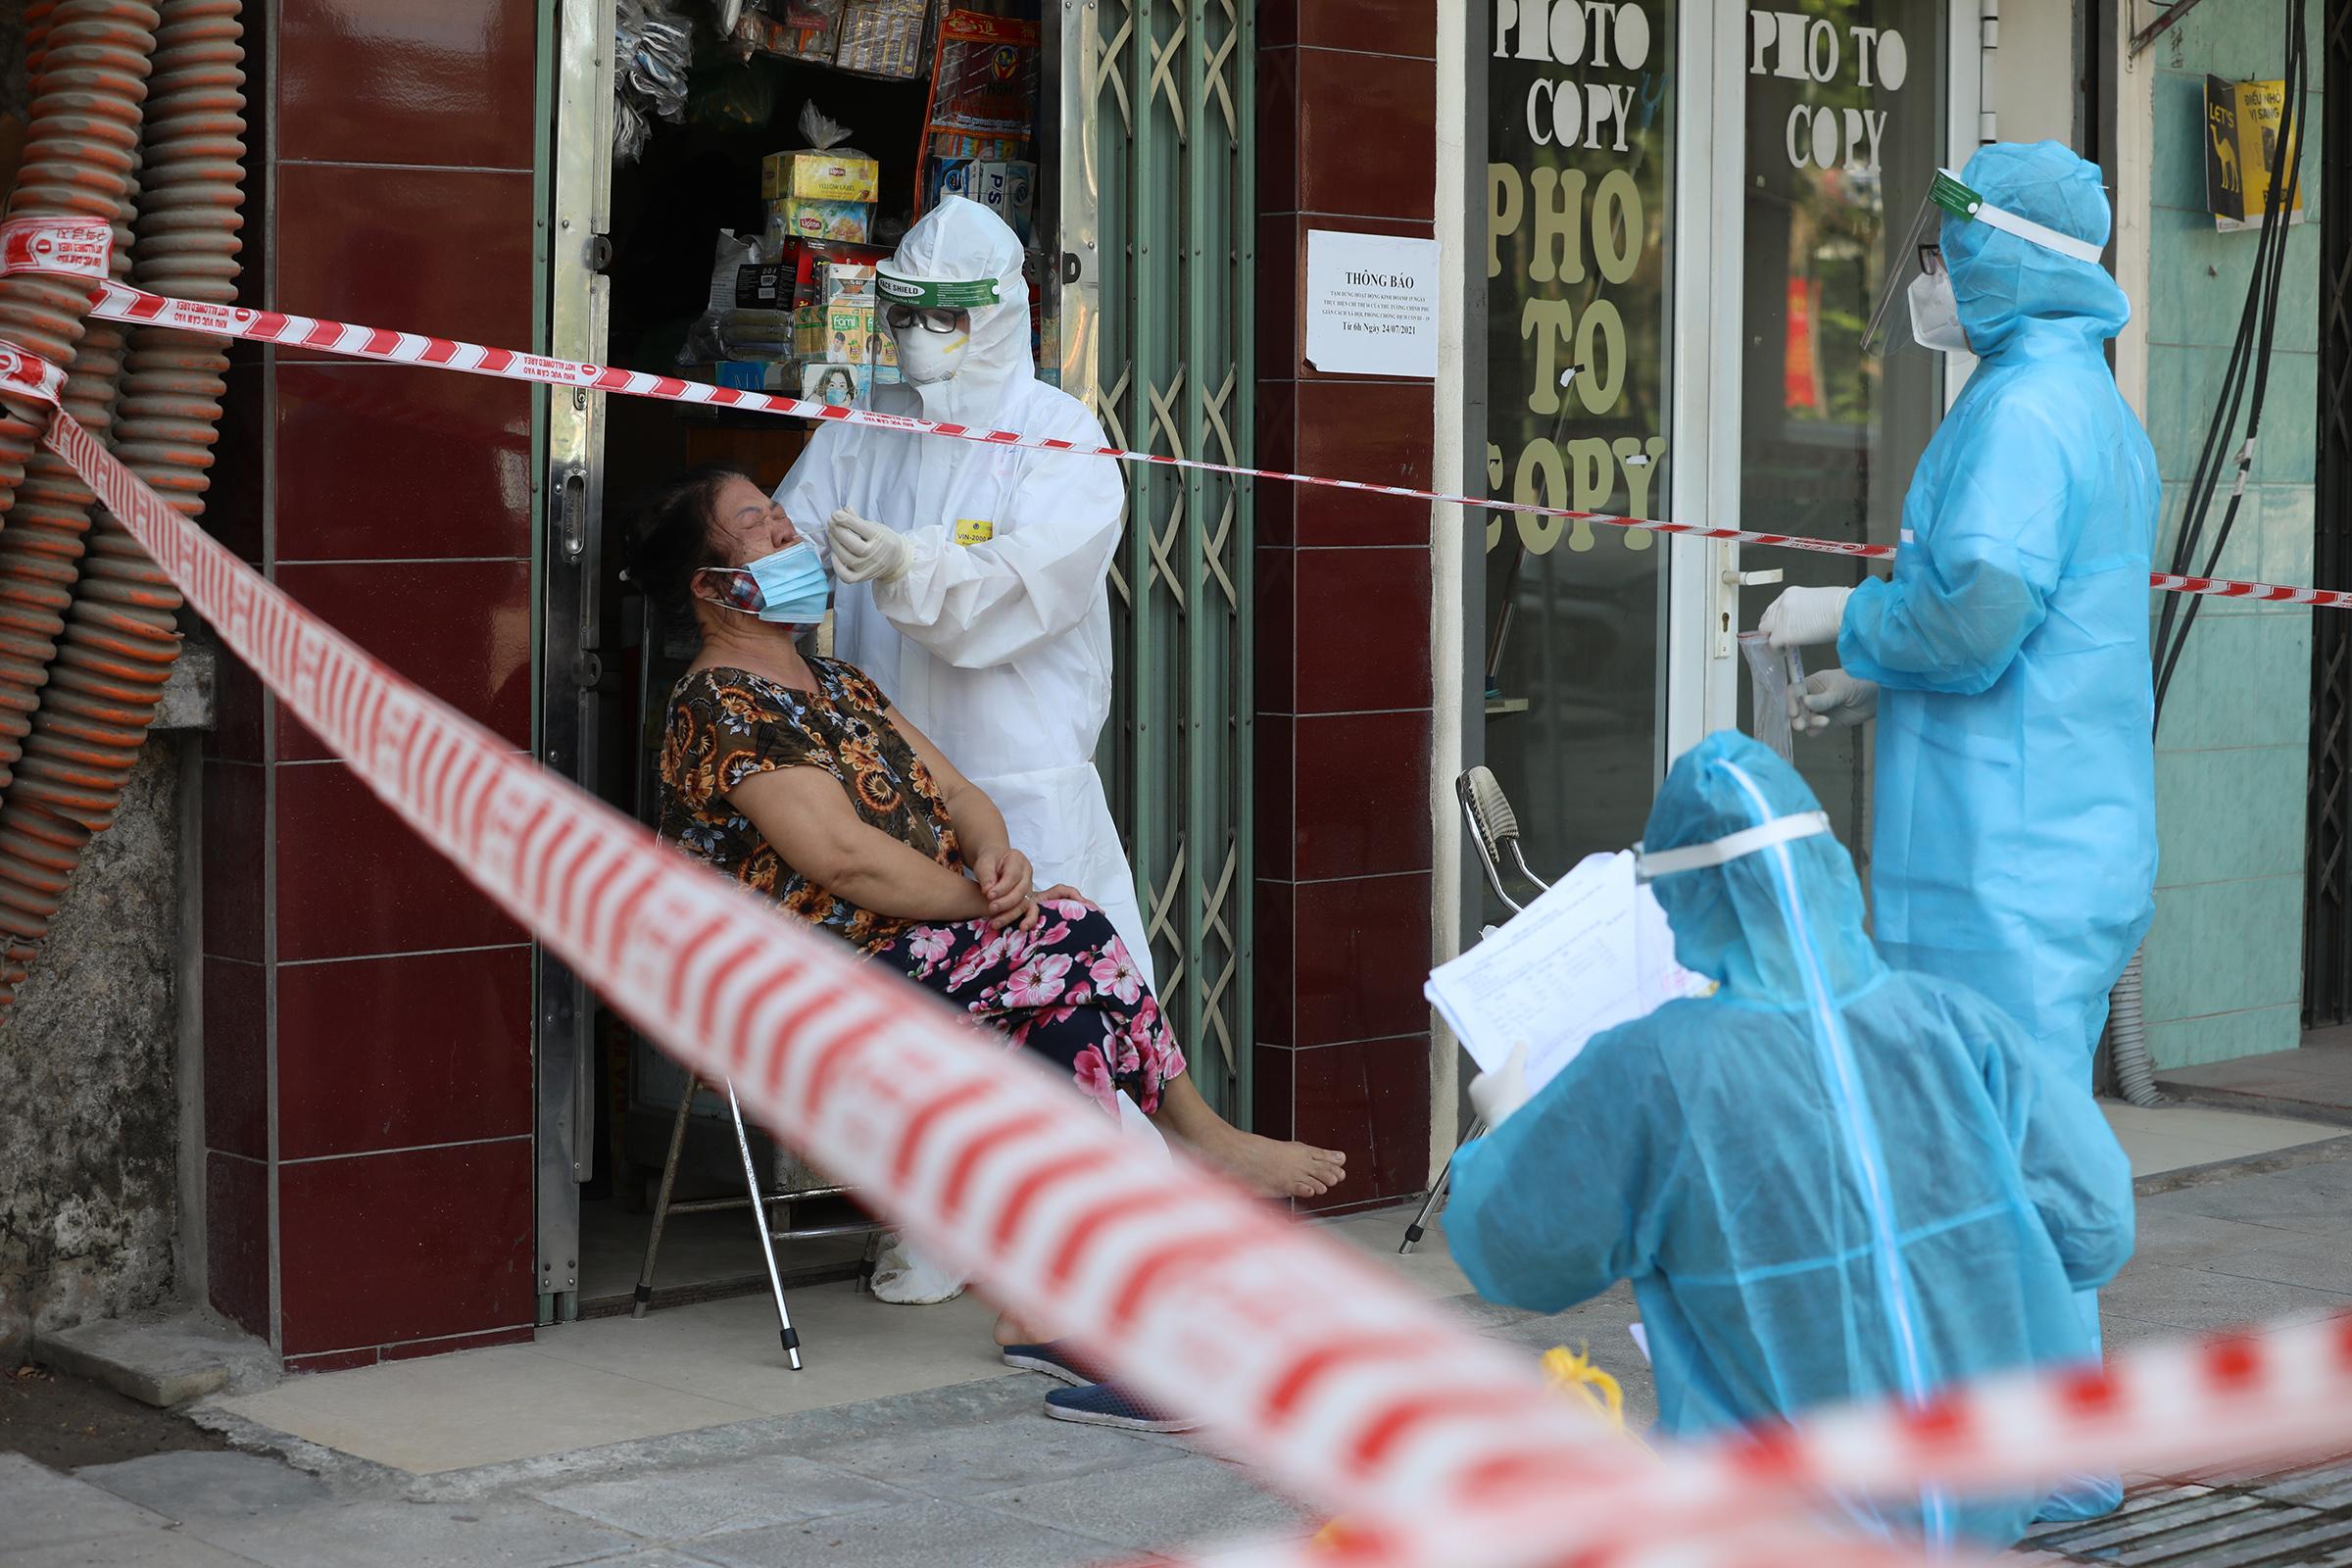 Nhân viên y tế lấy mẫu xét nghiệm cho người dân tại phường Thanh Xuân Trung, quận Thanh Xuân, Hà Nội, tháng 8/2021. Ảnh: Ngọc Thành